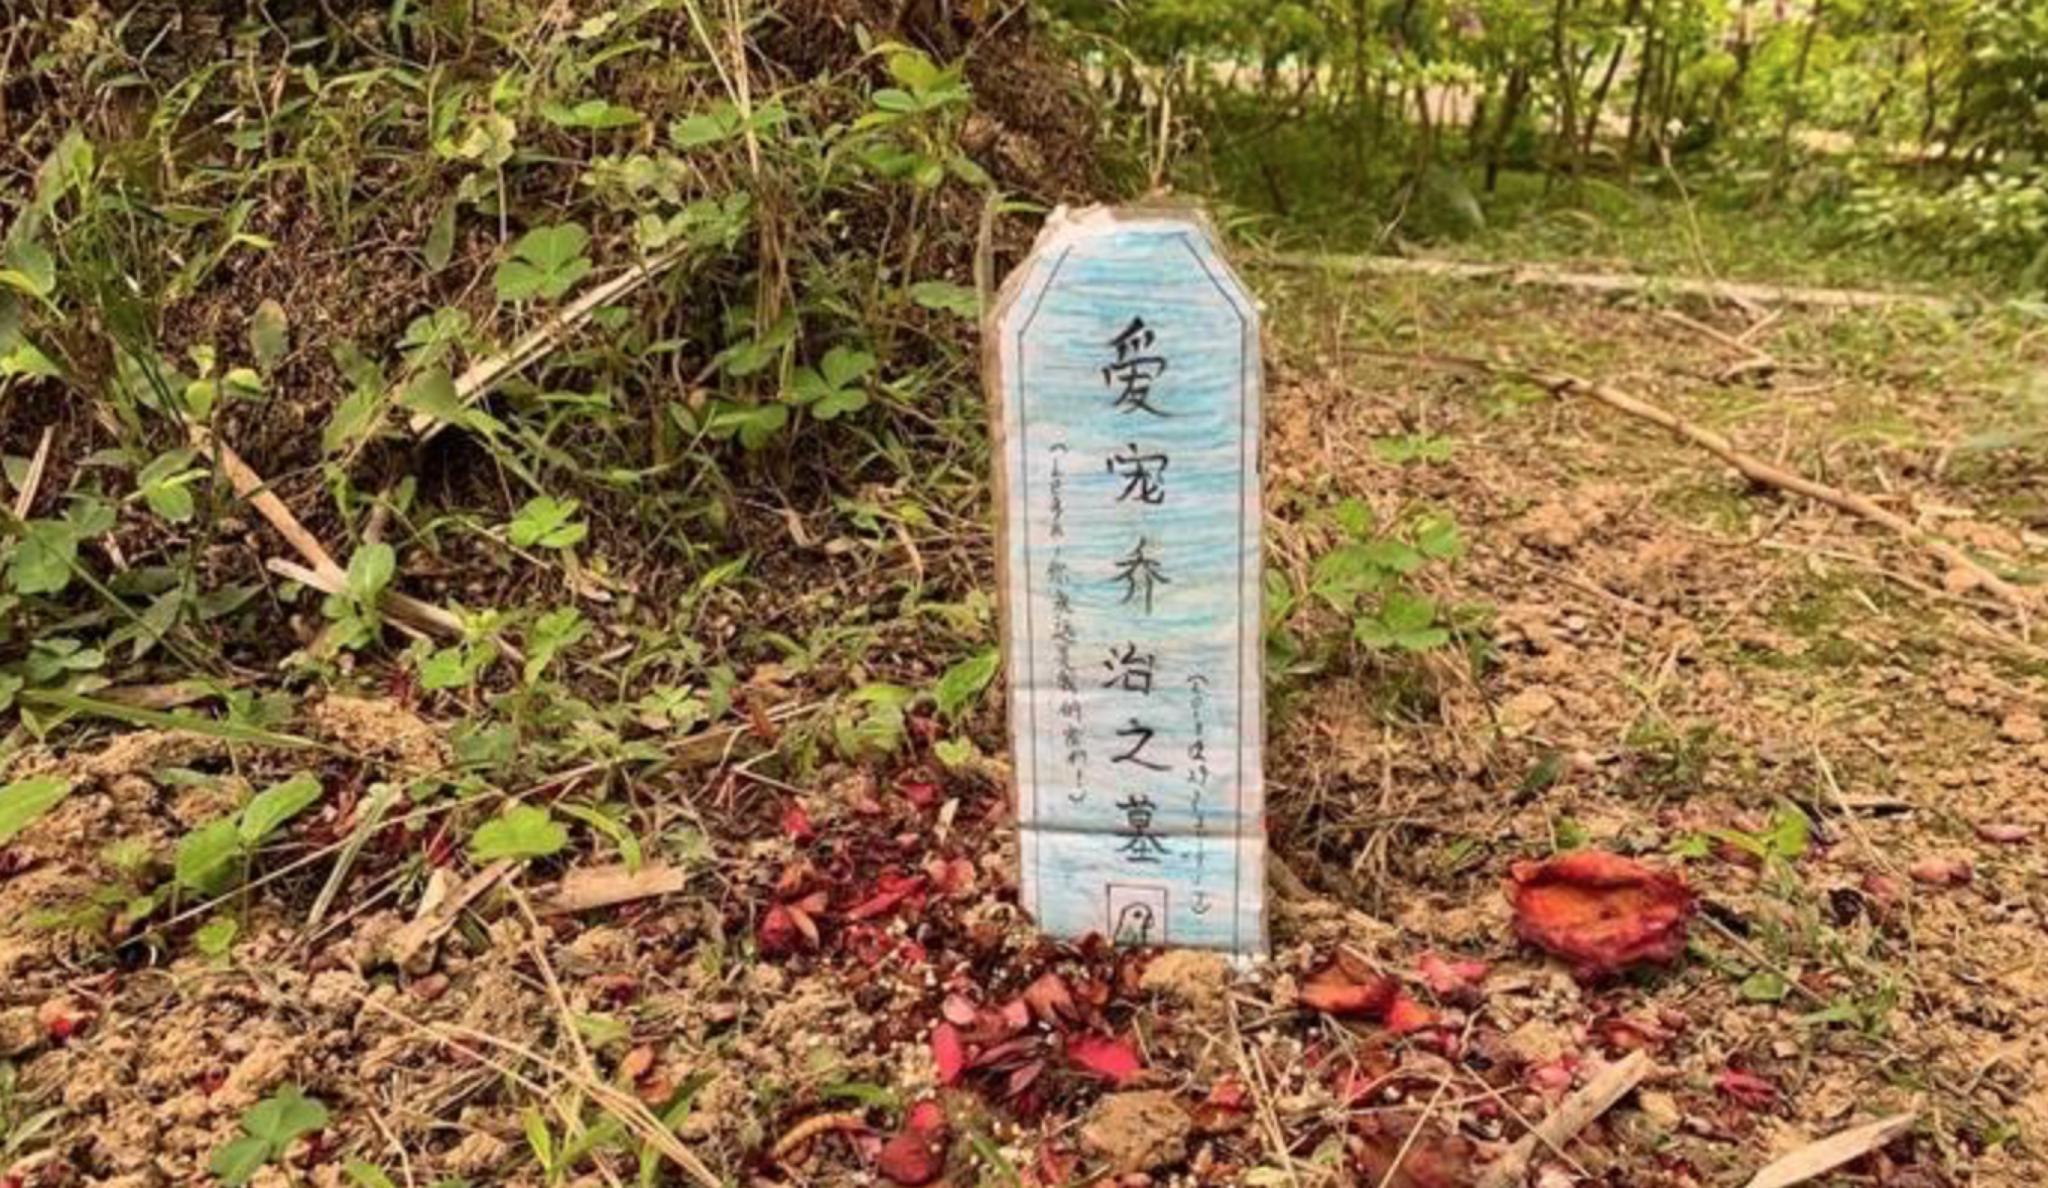 南宁一小区绿化带出现一个宠物坟墓,引发业主疑虑。网络图